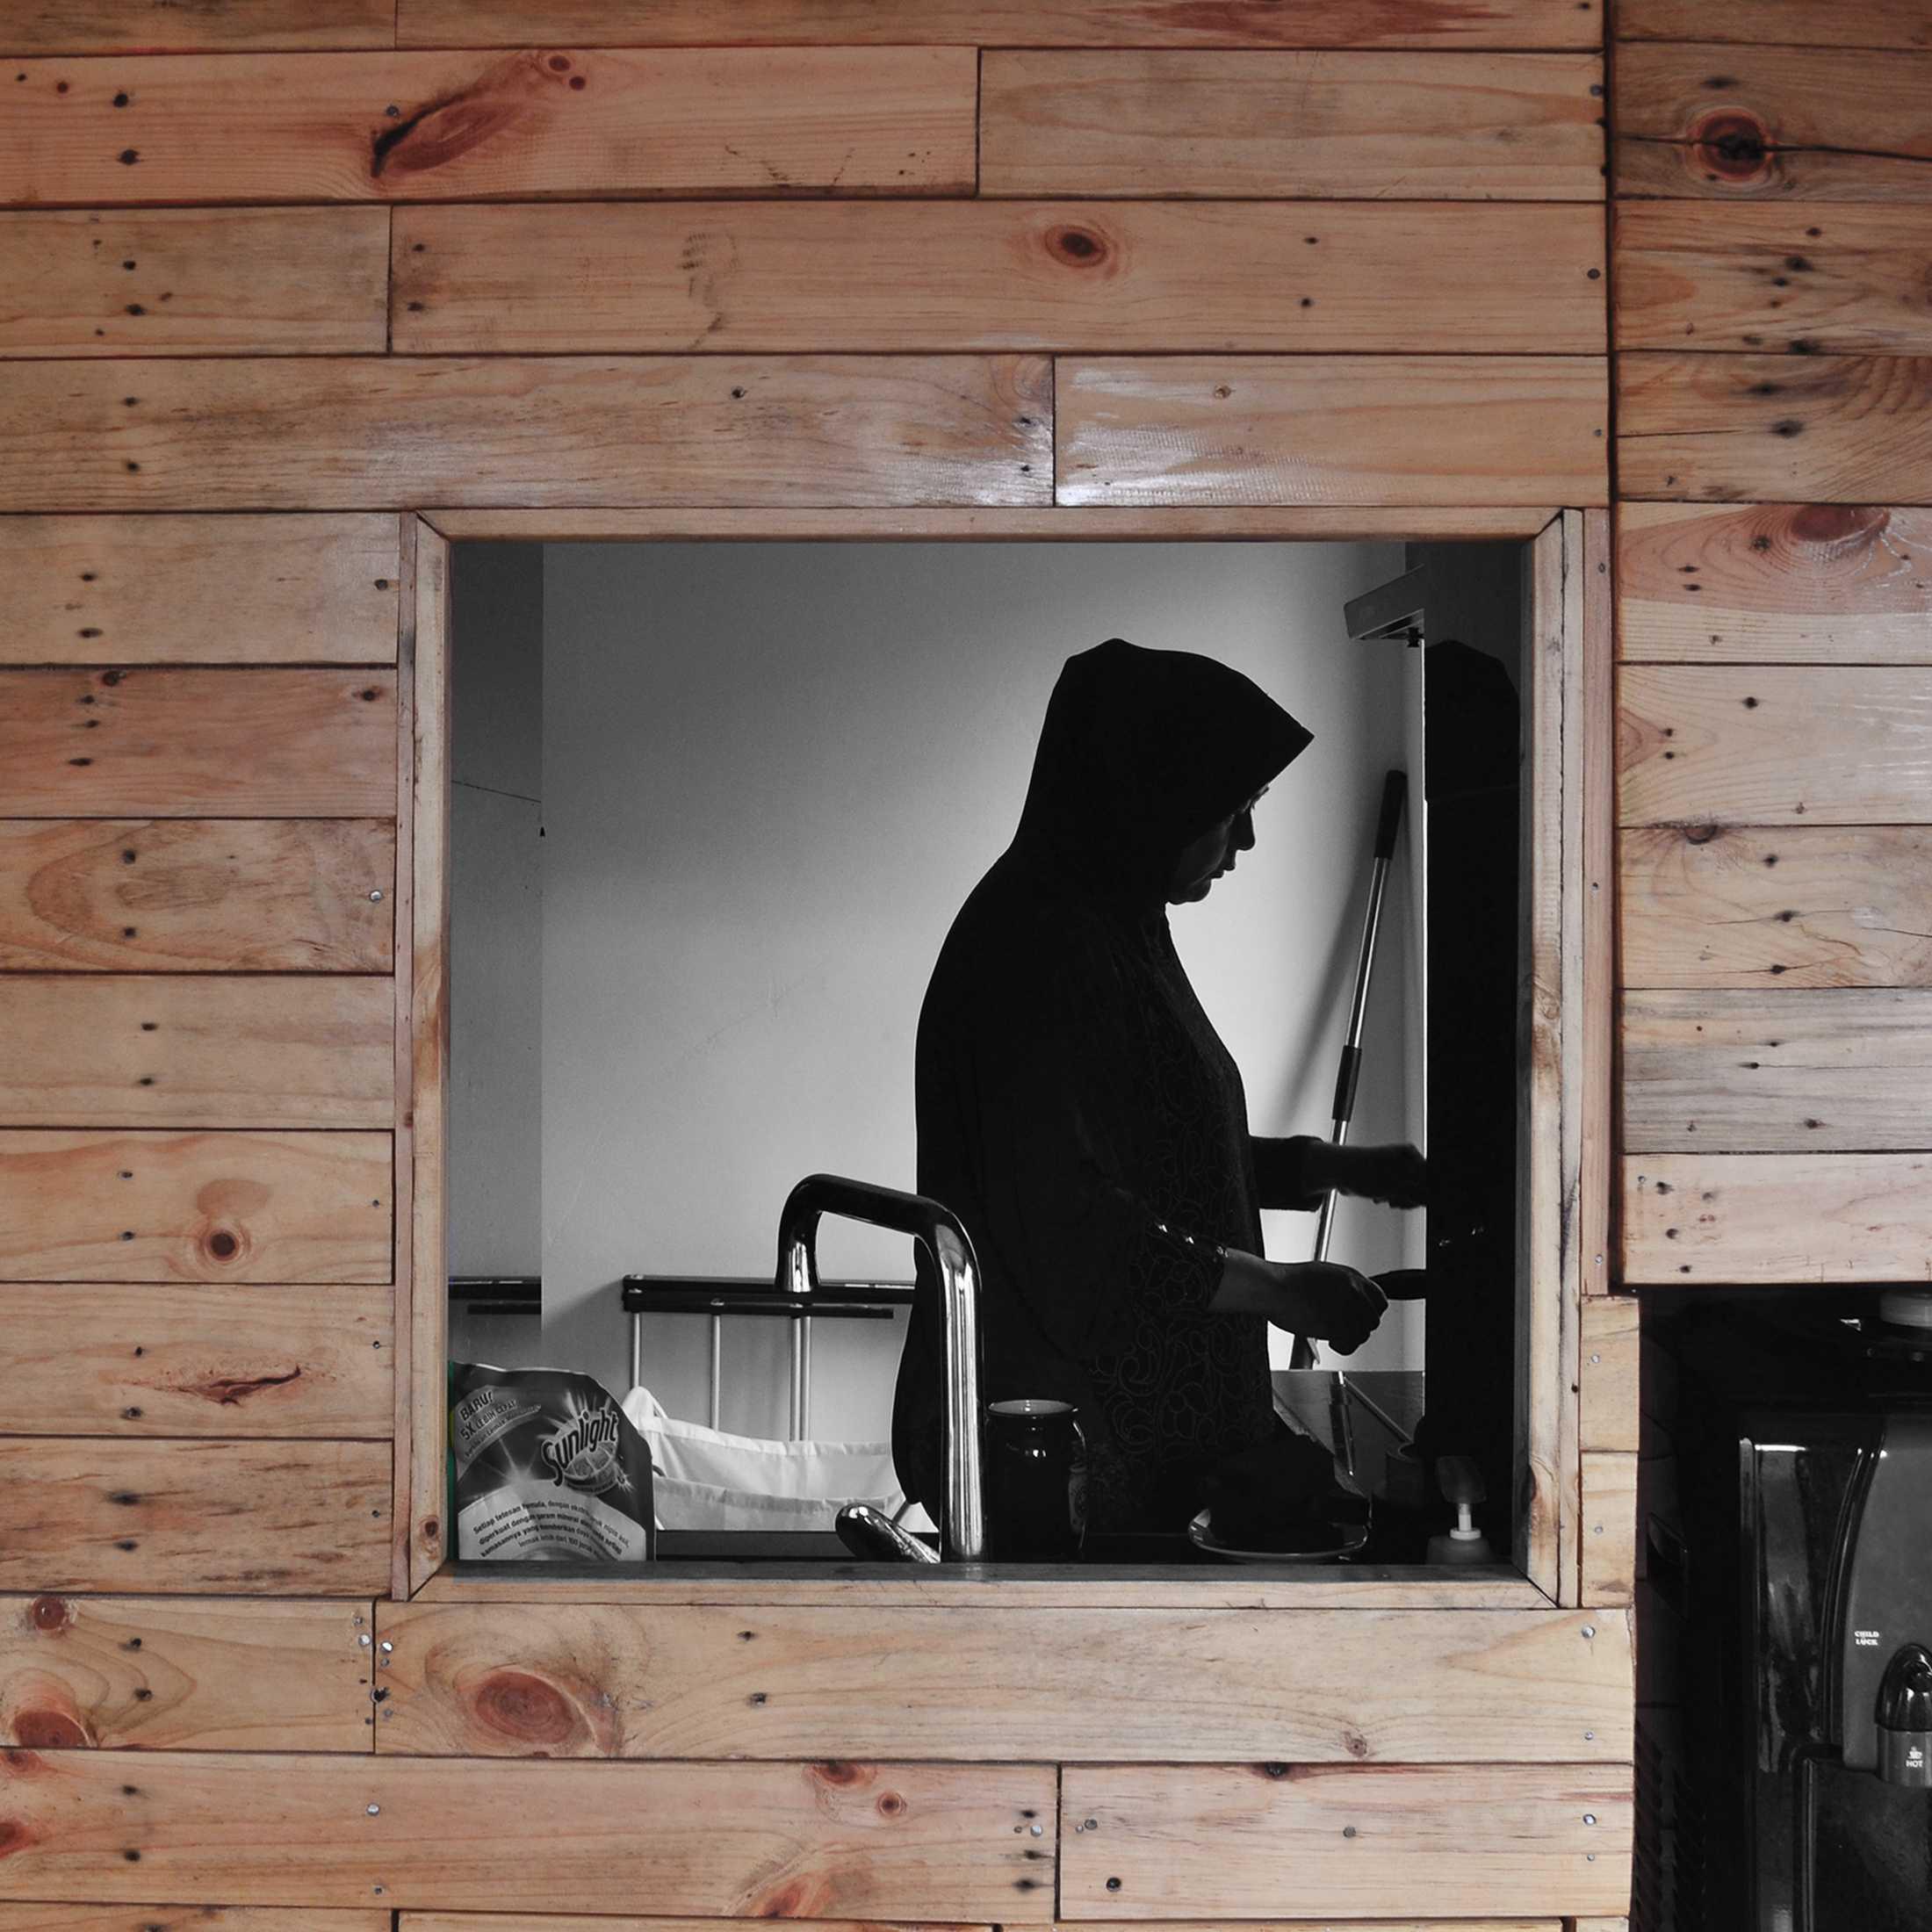 Ranah Timur Architects Rumah Cihanjuang Cihanjuang, Kec. Parongpong, Kabupaten Bandung Barat, Jawa Barat, Indonesia Cihanjuang, Kec. Parongpong, Kabupaten Bandung Barat, Jawa Barat, Indonesia Regi-Kusnadi-Rumah-Cihanjuang  79268